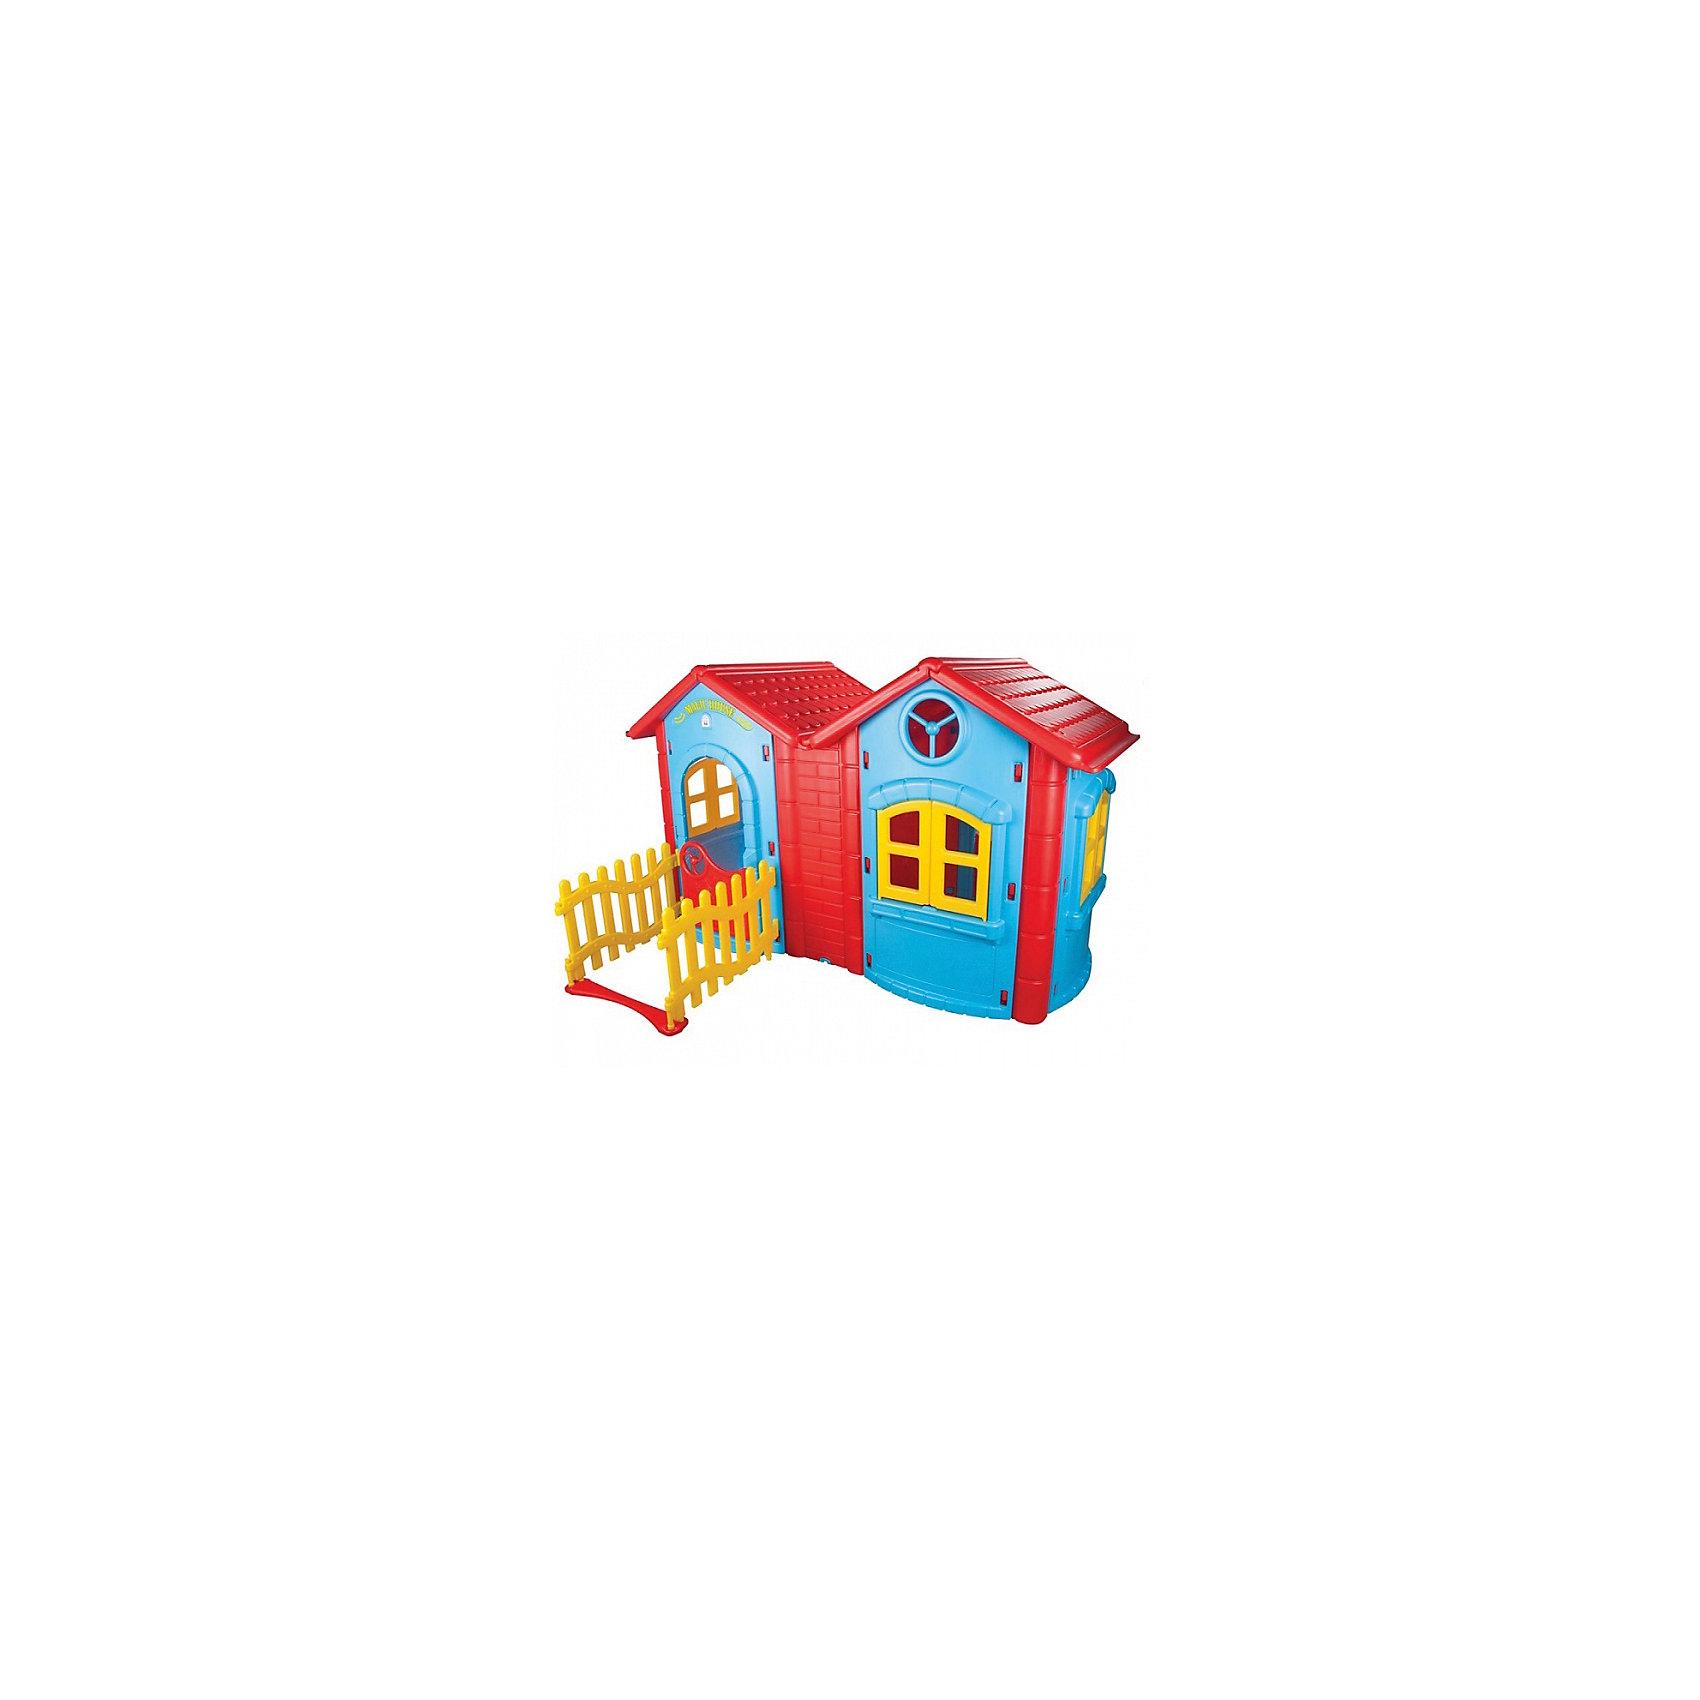 Домик игровой двухкомнатный MAGIC DOUBLE, PILSANДомики и мебель<br>Домик игровой двухкомнатный MAGIC DOUBLE, PILSAN (Пилсан)<br><br>Характеристики:<br><br>• прочная конструкция<br>• два домика с забором и декоративными элементами<br>• привлекательный дизайн<br>• безопасные материалы<br>• вместительное внутреннее пространство<br>• материал: пластик<br>• размер: 172х220х131 см<br>• размер упаковки: 48х48х48 см<br>• вес: 34,8 кг<br><br>Игровой домик - отличное решение для игровой зоны. Конструкция состоит из двух домиков с заборчиком и различными декоративными элементами. Ребенок сможет устраивать чаепития и игры с друзьями или игрушками. Игра развивает социально-коммуникативные навыки и речь. Дом изготовлен из высококачественного пластика с использованием нетоксичных красок. Он выдерживает высокую нагрузку и обладает хорошей устойчивостью к механическому воздействию. <br><br>Домик игровой двухкомнатный MAGIC DOUBLE, PILSAN (Пилсан) вы можете купить в нашем интернет-магазине.<br><br>Ширина мм: 480<br>Глубина мм: 480<br>Высота мм: 480<br>Вес г: 34800<br>Возраст от месяцев: 24<br>Возраст до месяцев: 120<br>Пол: Унисекс<br>Возраст: Детский<br>SKU: 5512015